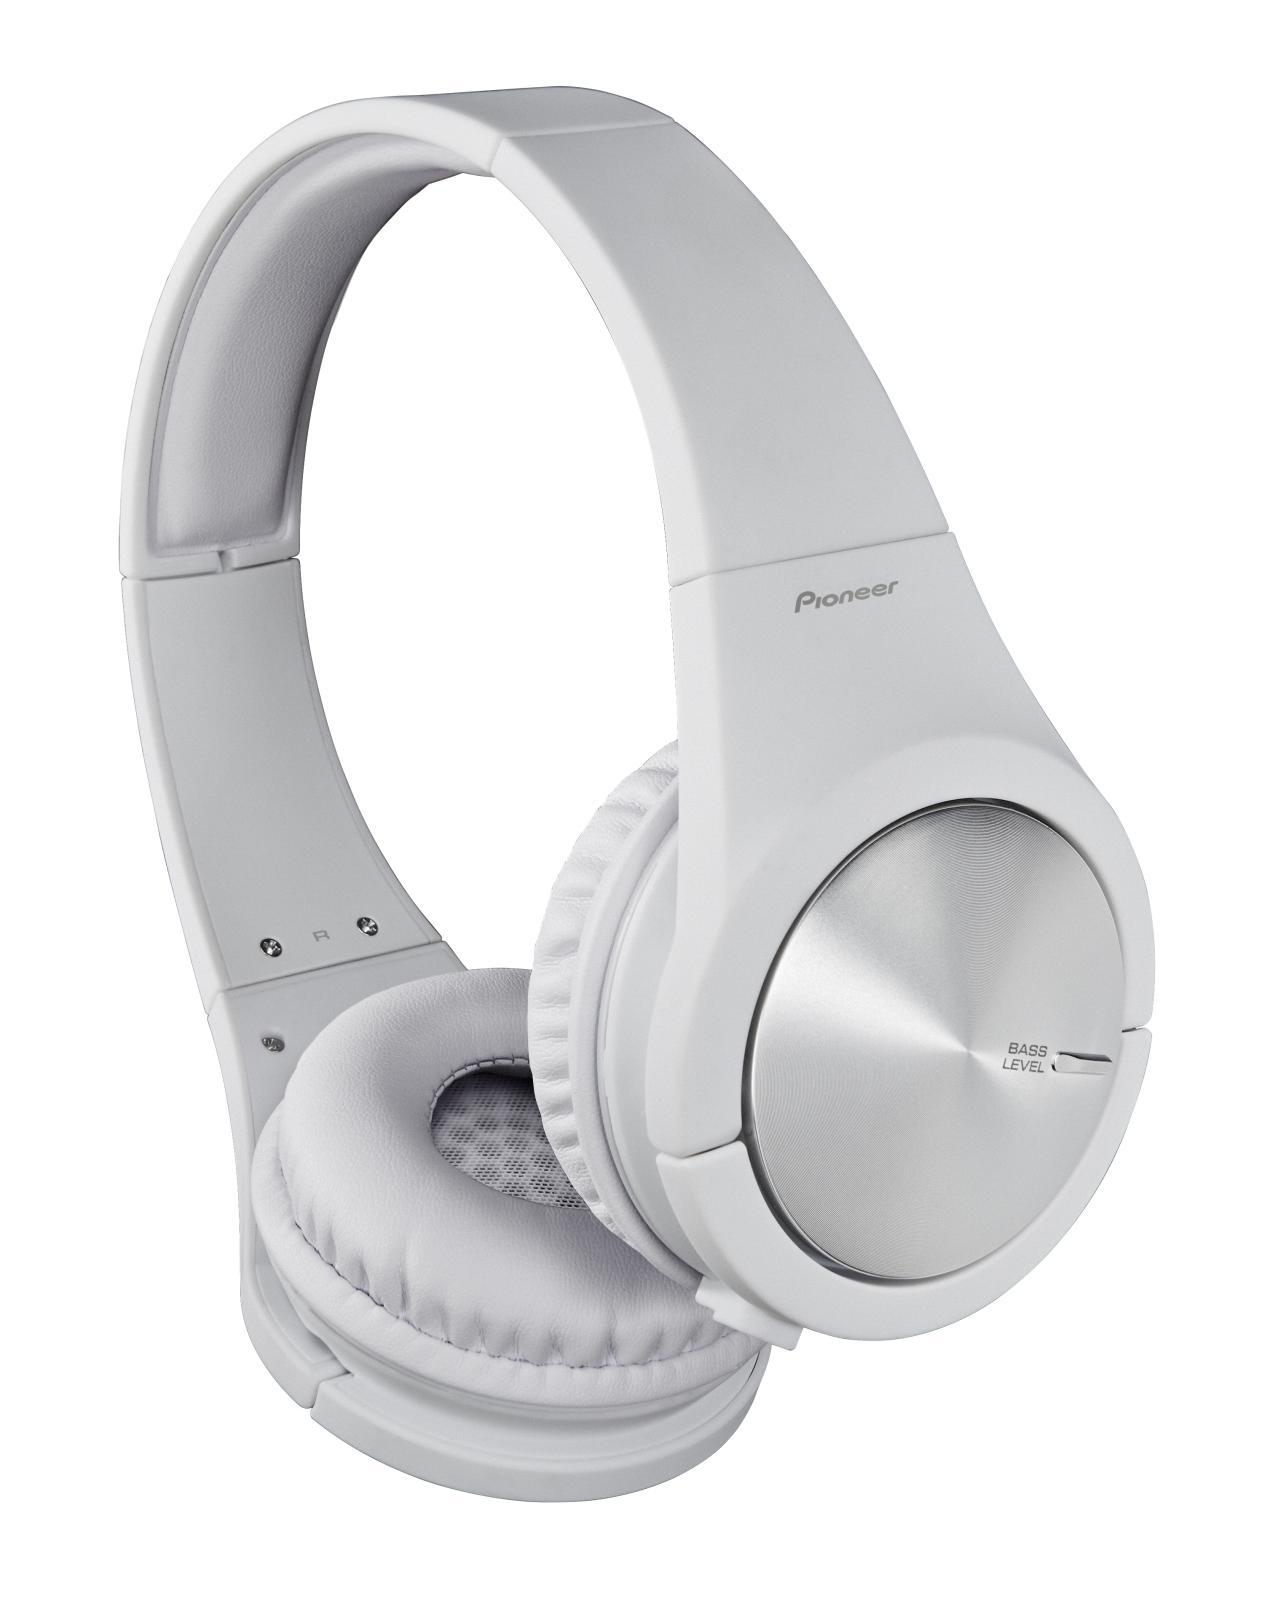 Powieksz do pelnego rozmiaru pioner pionier pioneer SE-MX 7, SEMX 7, SE MX 7 SE-MX7, SEMX7, SE MX7 SE-MX-7, SEMX-7, SE MX-7 słuchawki iphone słuchawki ipod słuchawki ipad słuchawki ios, słuchawki apple, słuchawki do iphone słuchawki do ipod słuchawki do ipad słuchawki do ios, słuchawki do apple, słuchawki ze sterowaniem słuchawki z mikrofonem, słuchawki do telefonu, słuchawki telefoniczne, słuchawki multimedialne, słuchawki nauszne, słuchawki z pałąkiem, słuchawki hifi, słuchawki przenośne, słuchawki zamknięte